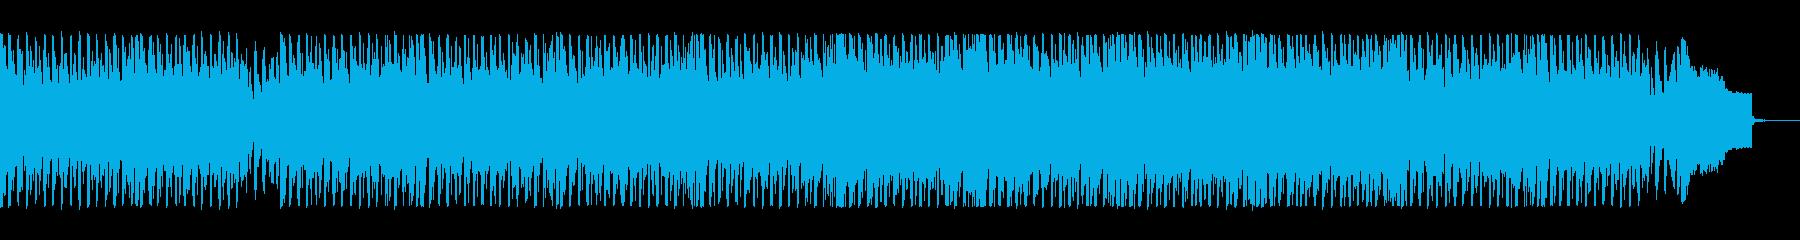 軽快な中に重みを感じるテクノポップスの再生済みの波形